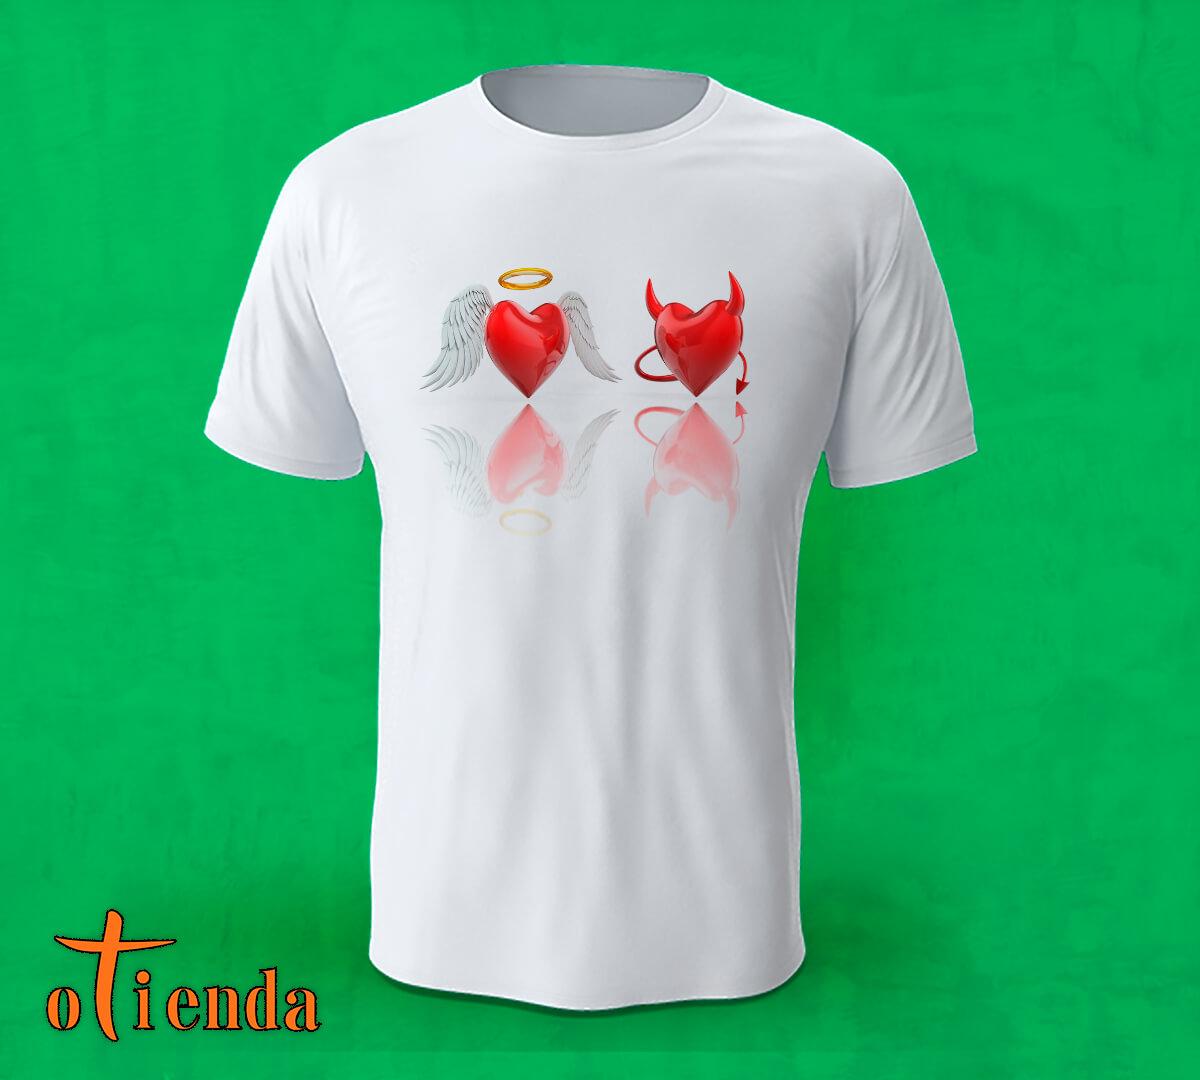 Camiseta Corazón Ángel y Diablo personalizada